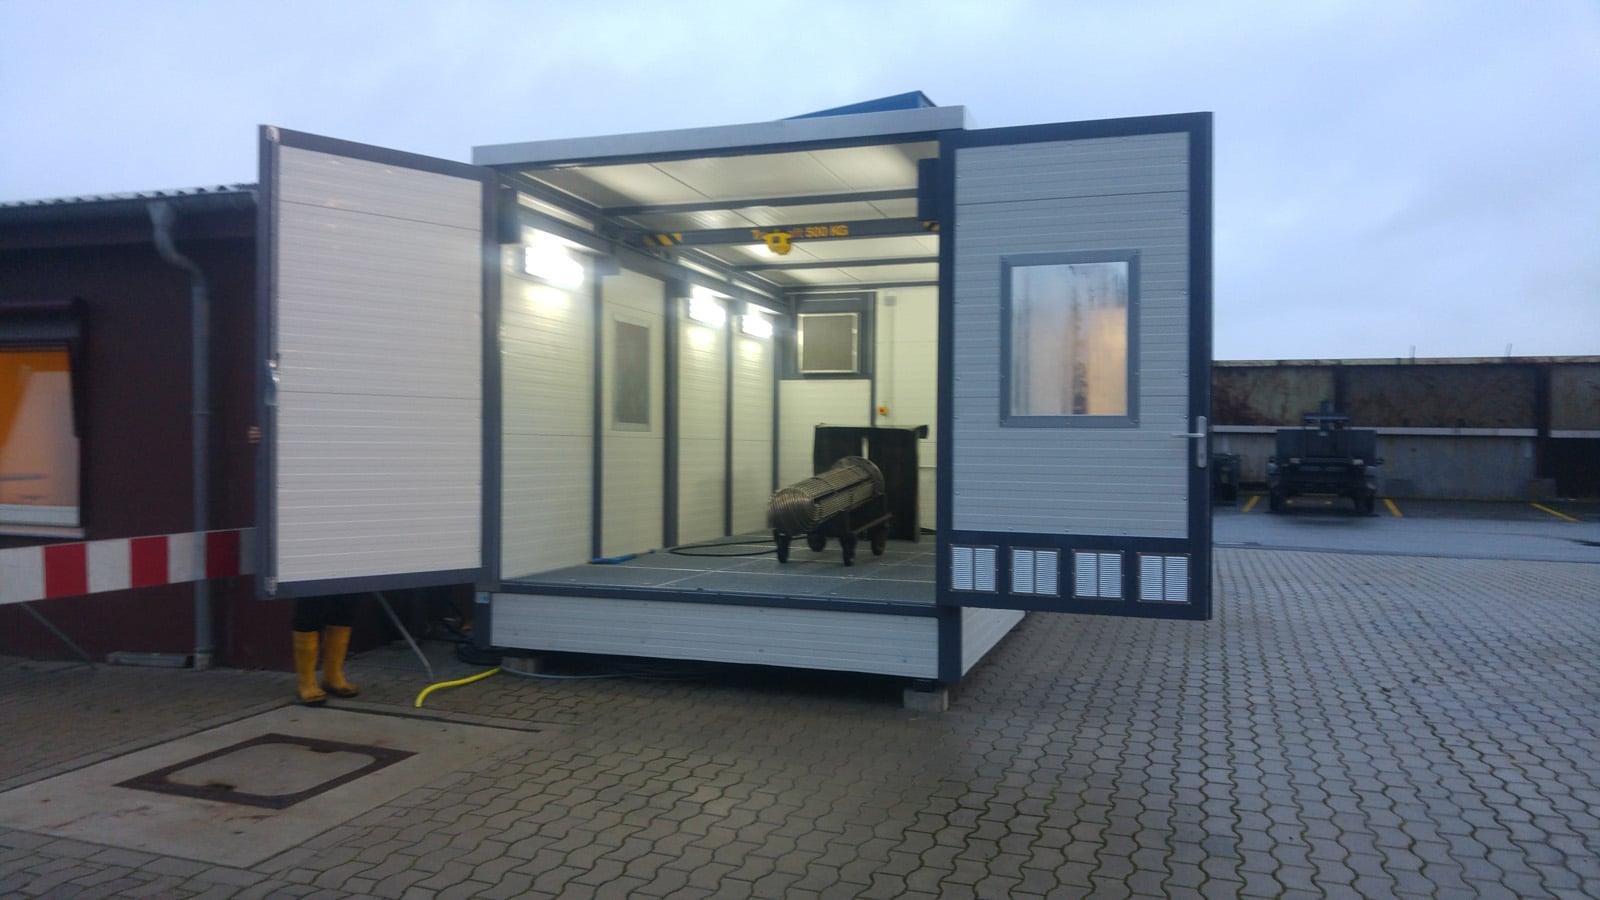 Frontansicht mobiler Waschplatz im freien Außenbereich mit geöffneten Toren